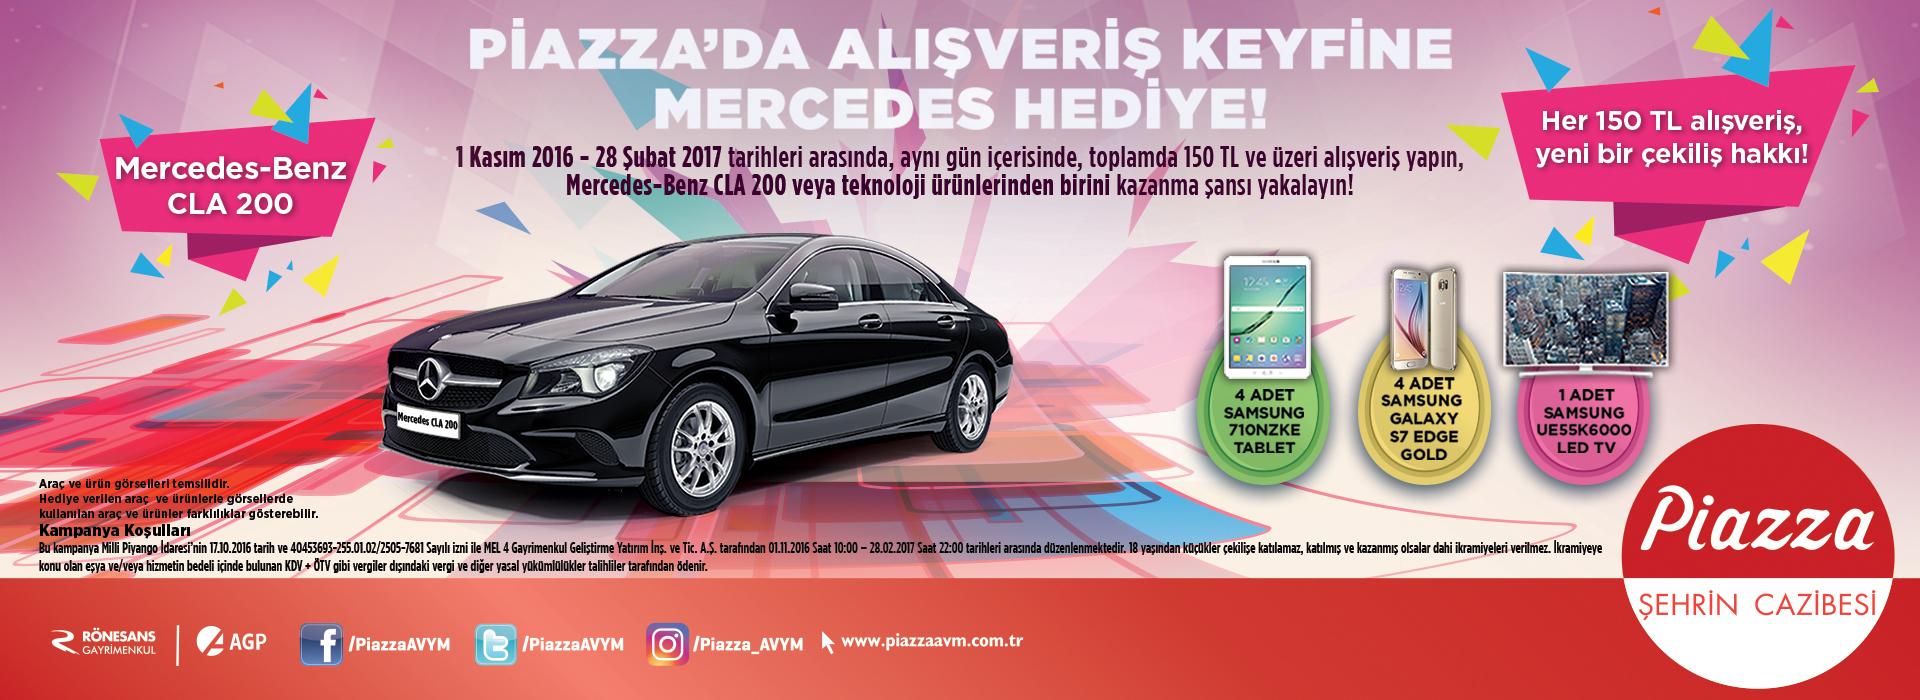 Piazza'da Alışveriş Keyfine Mercedes Hediye!